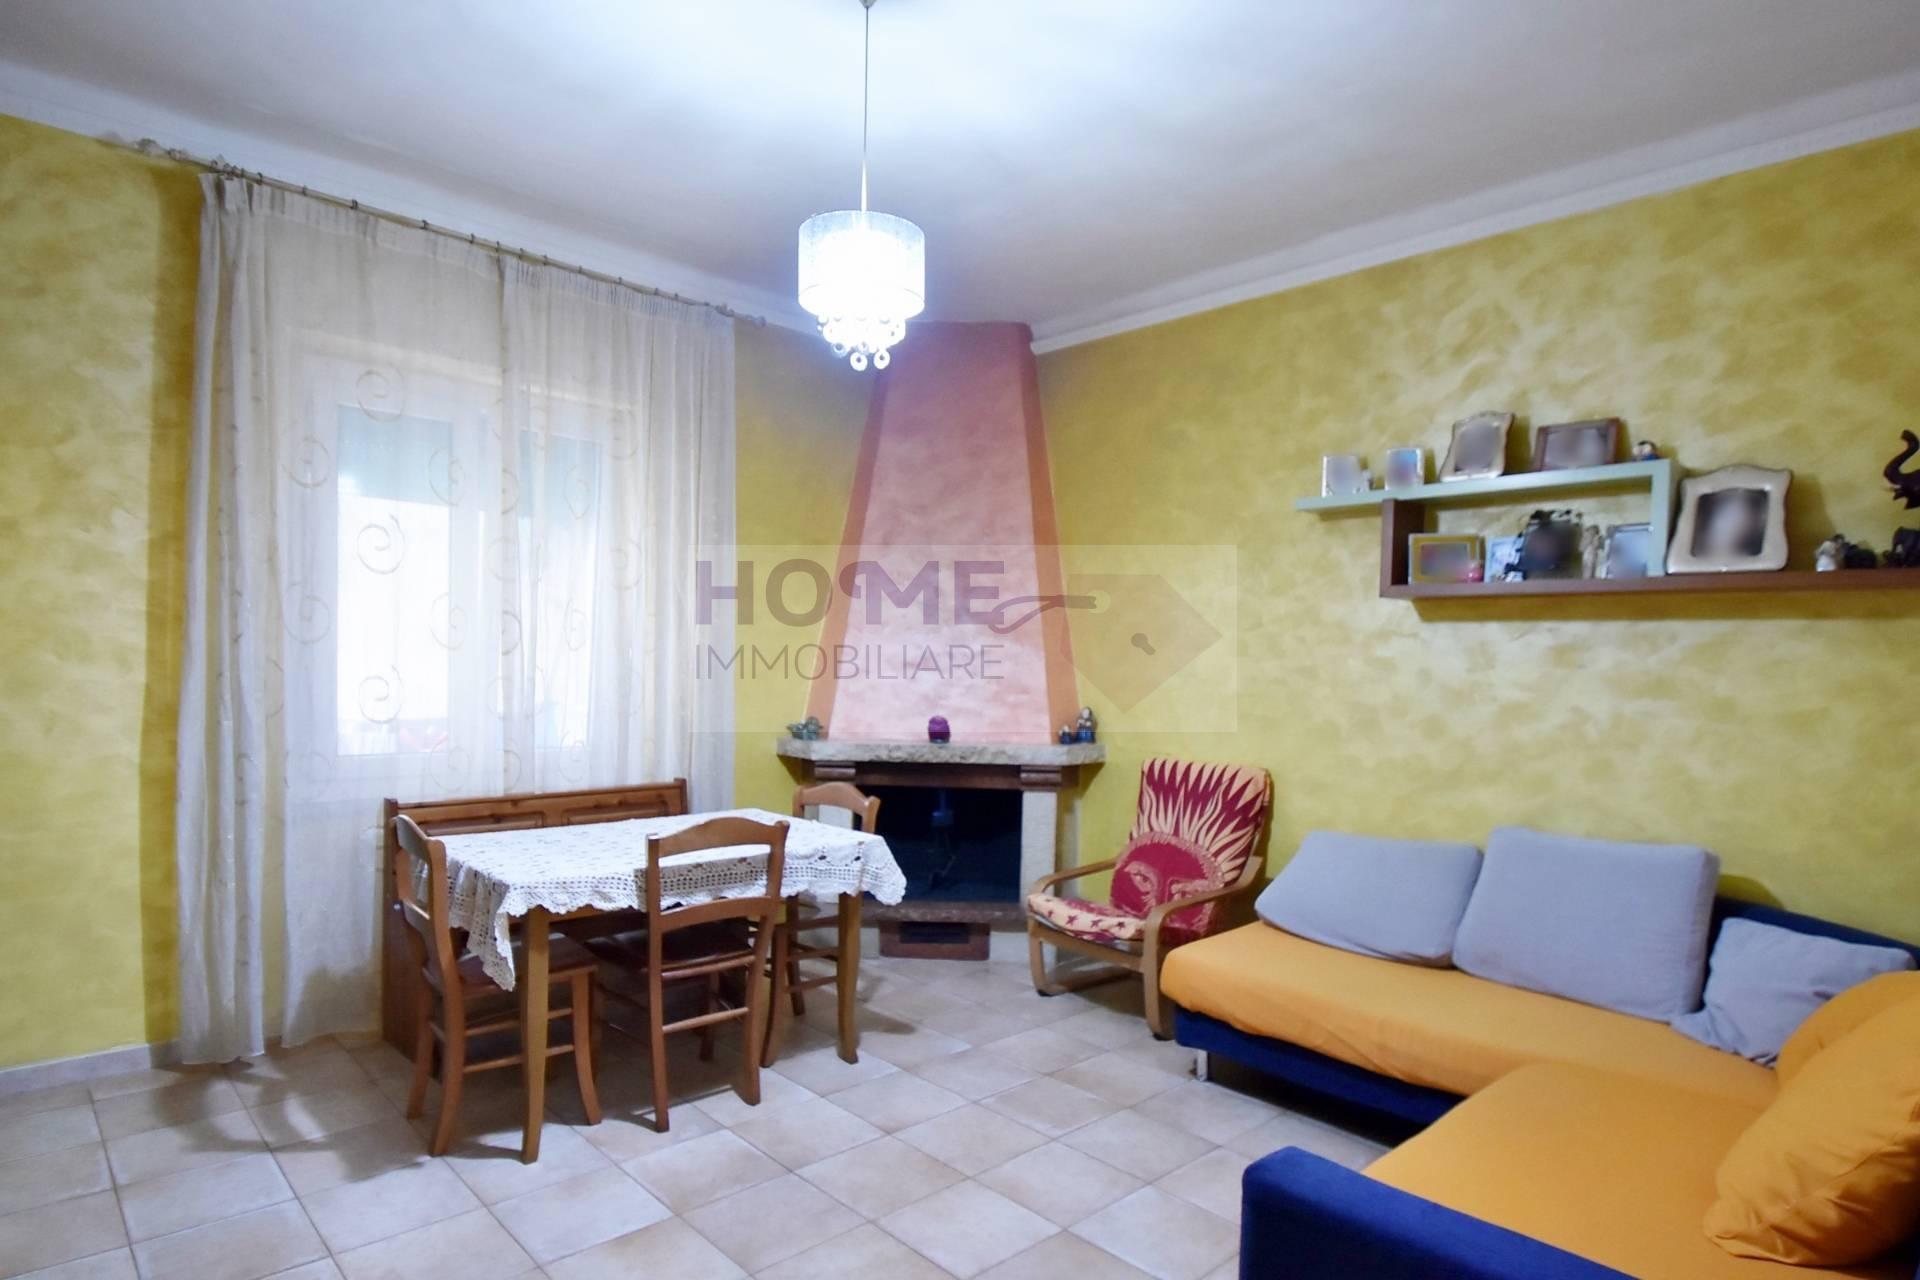 Appartamento in vendita a Macerata, 6 locali, zona Località: ZonaCentrale, prezzo € 120.000 | CambioCasa.it